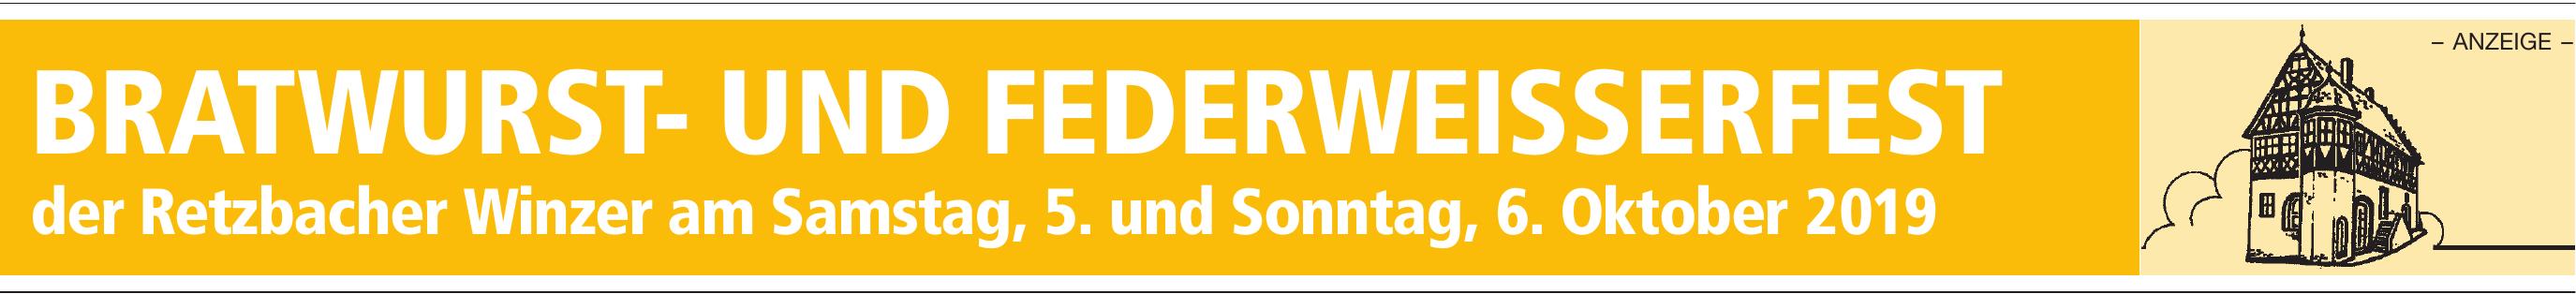 Bratwurst- und Federweisserfest Image 1